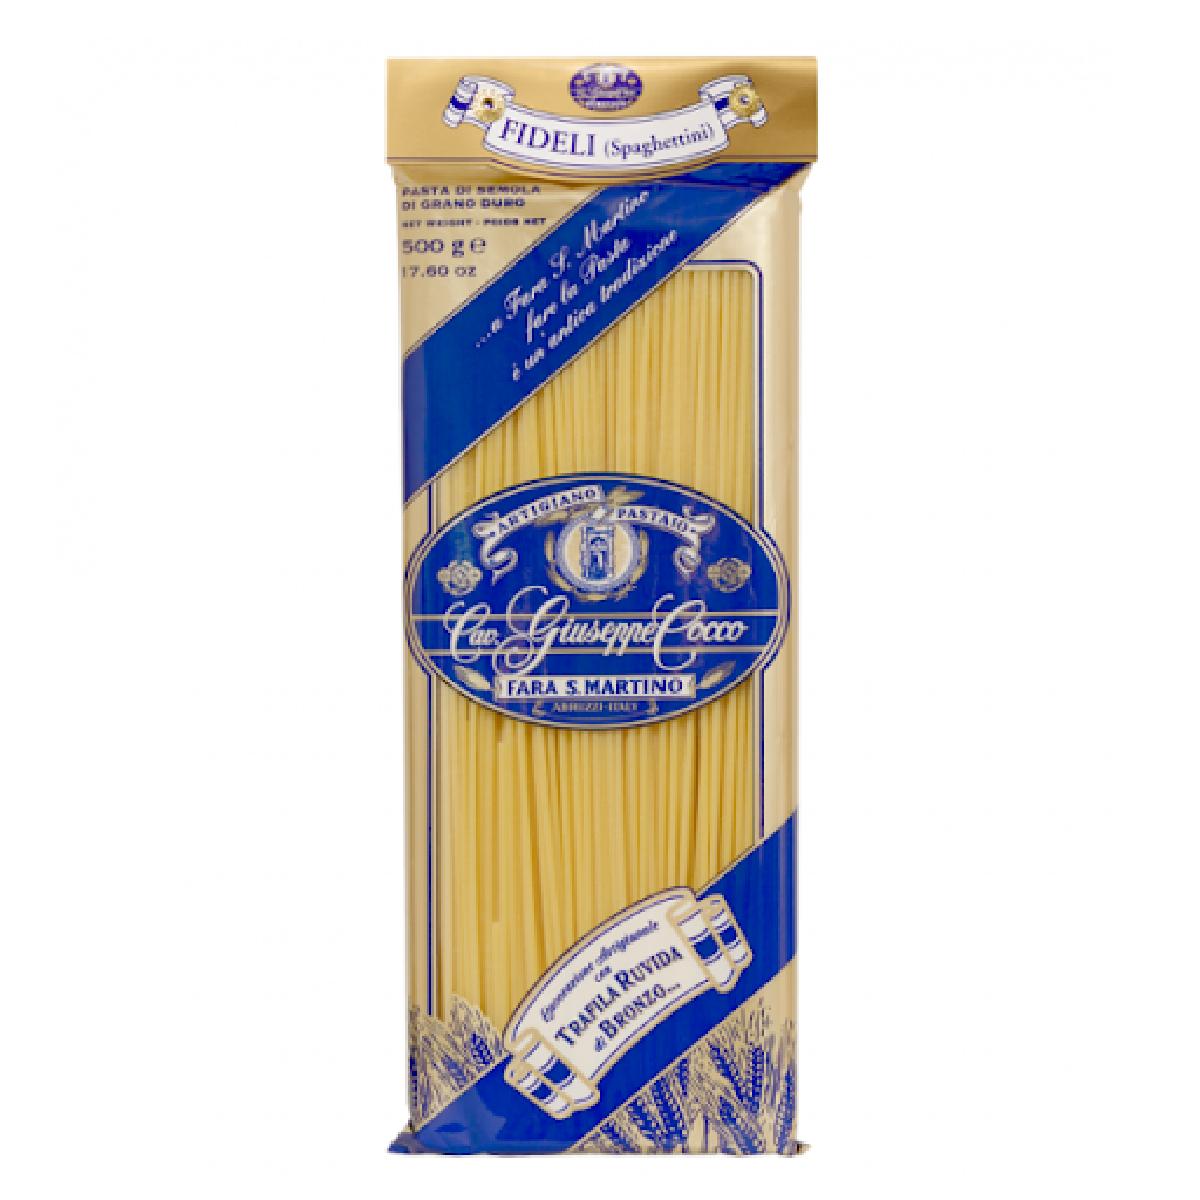 Pasta di Semola Fidelli GIUSEPPE COCCO 200g